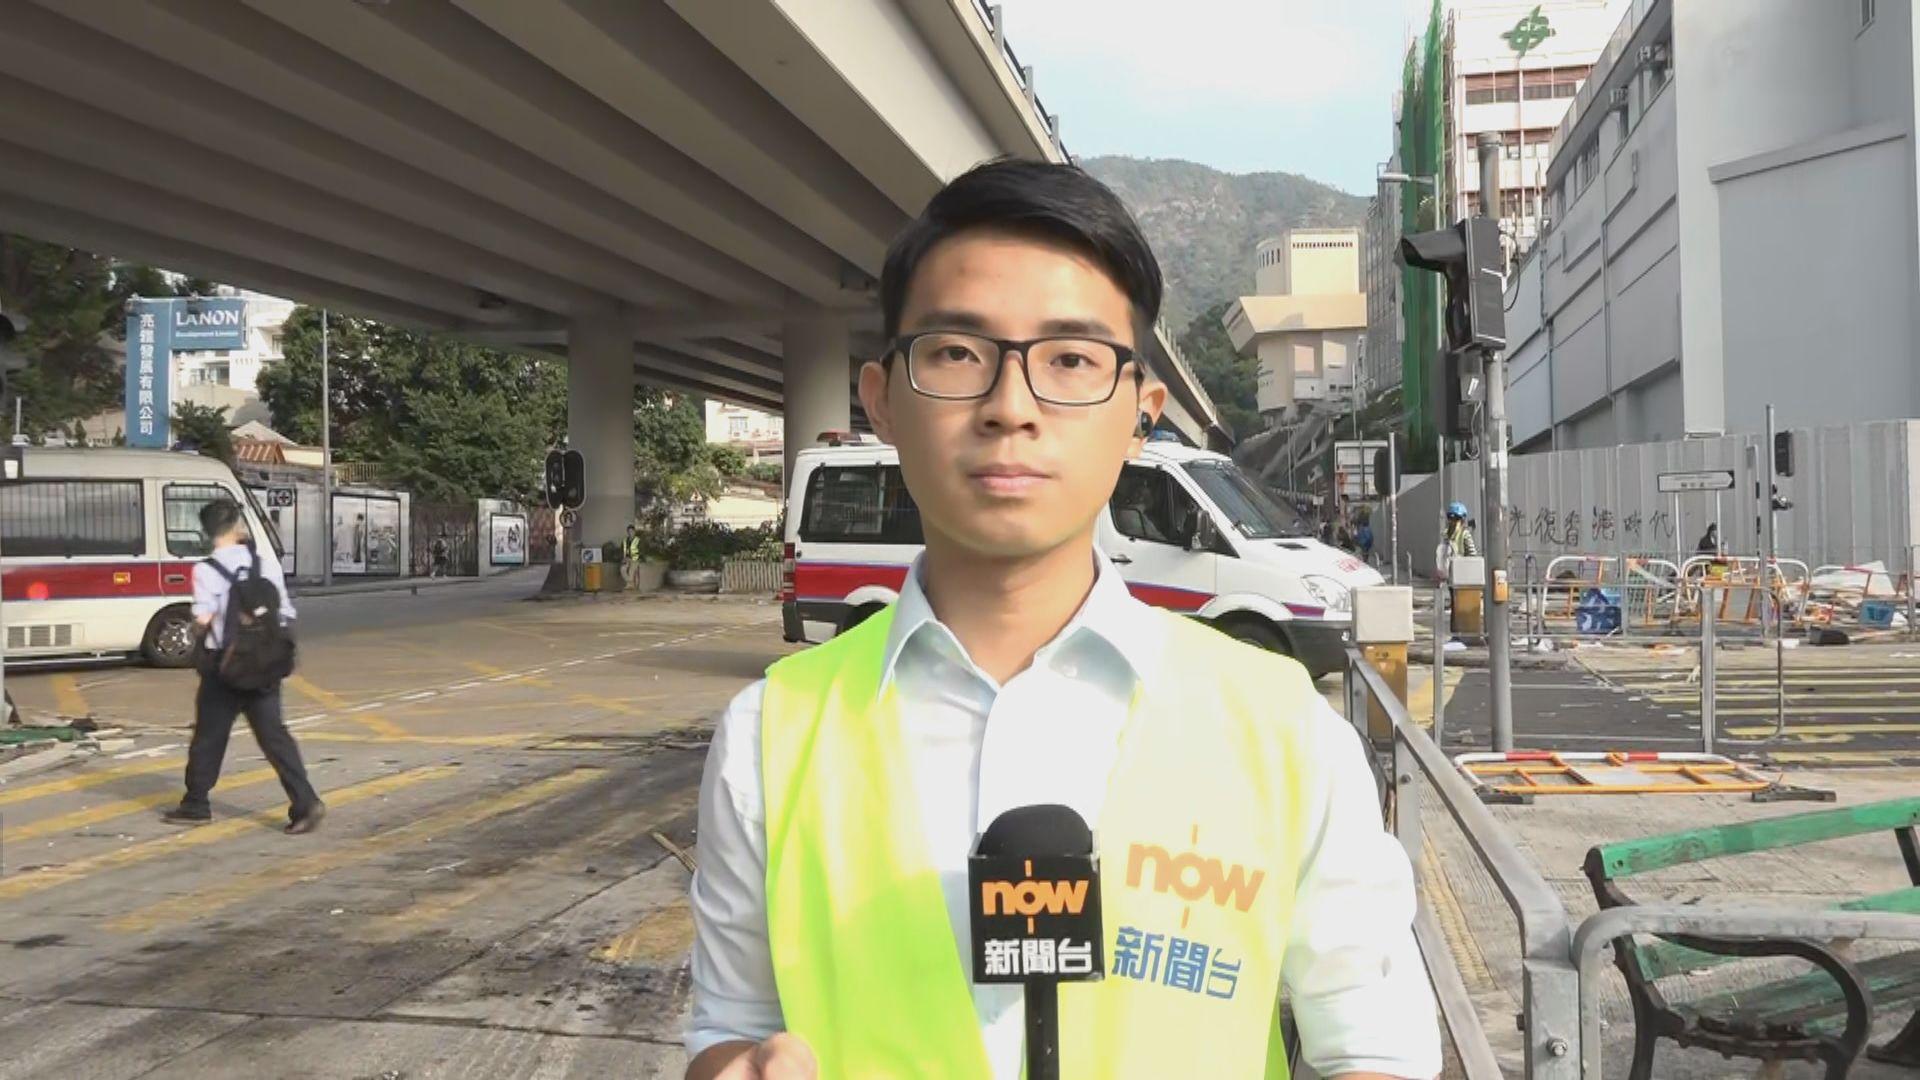 【現場報道】警員到浸大附近清理路障